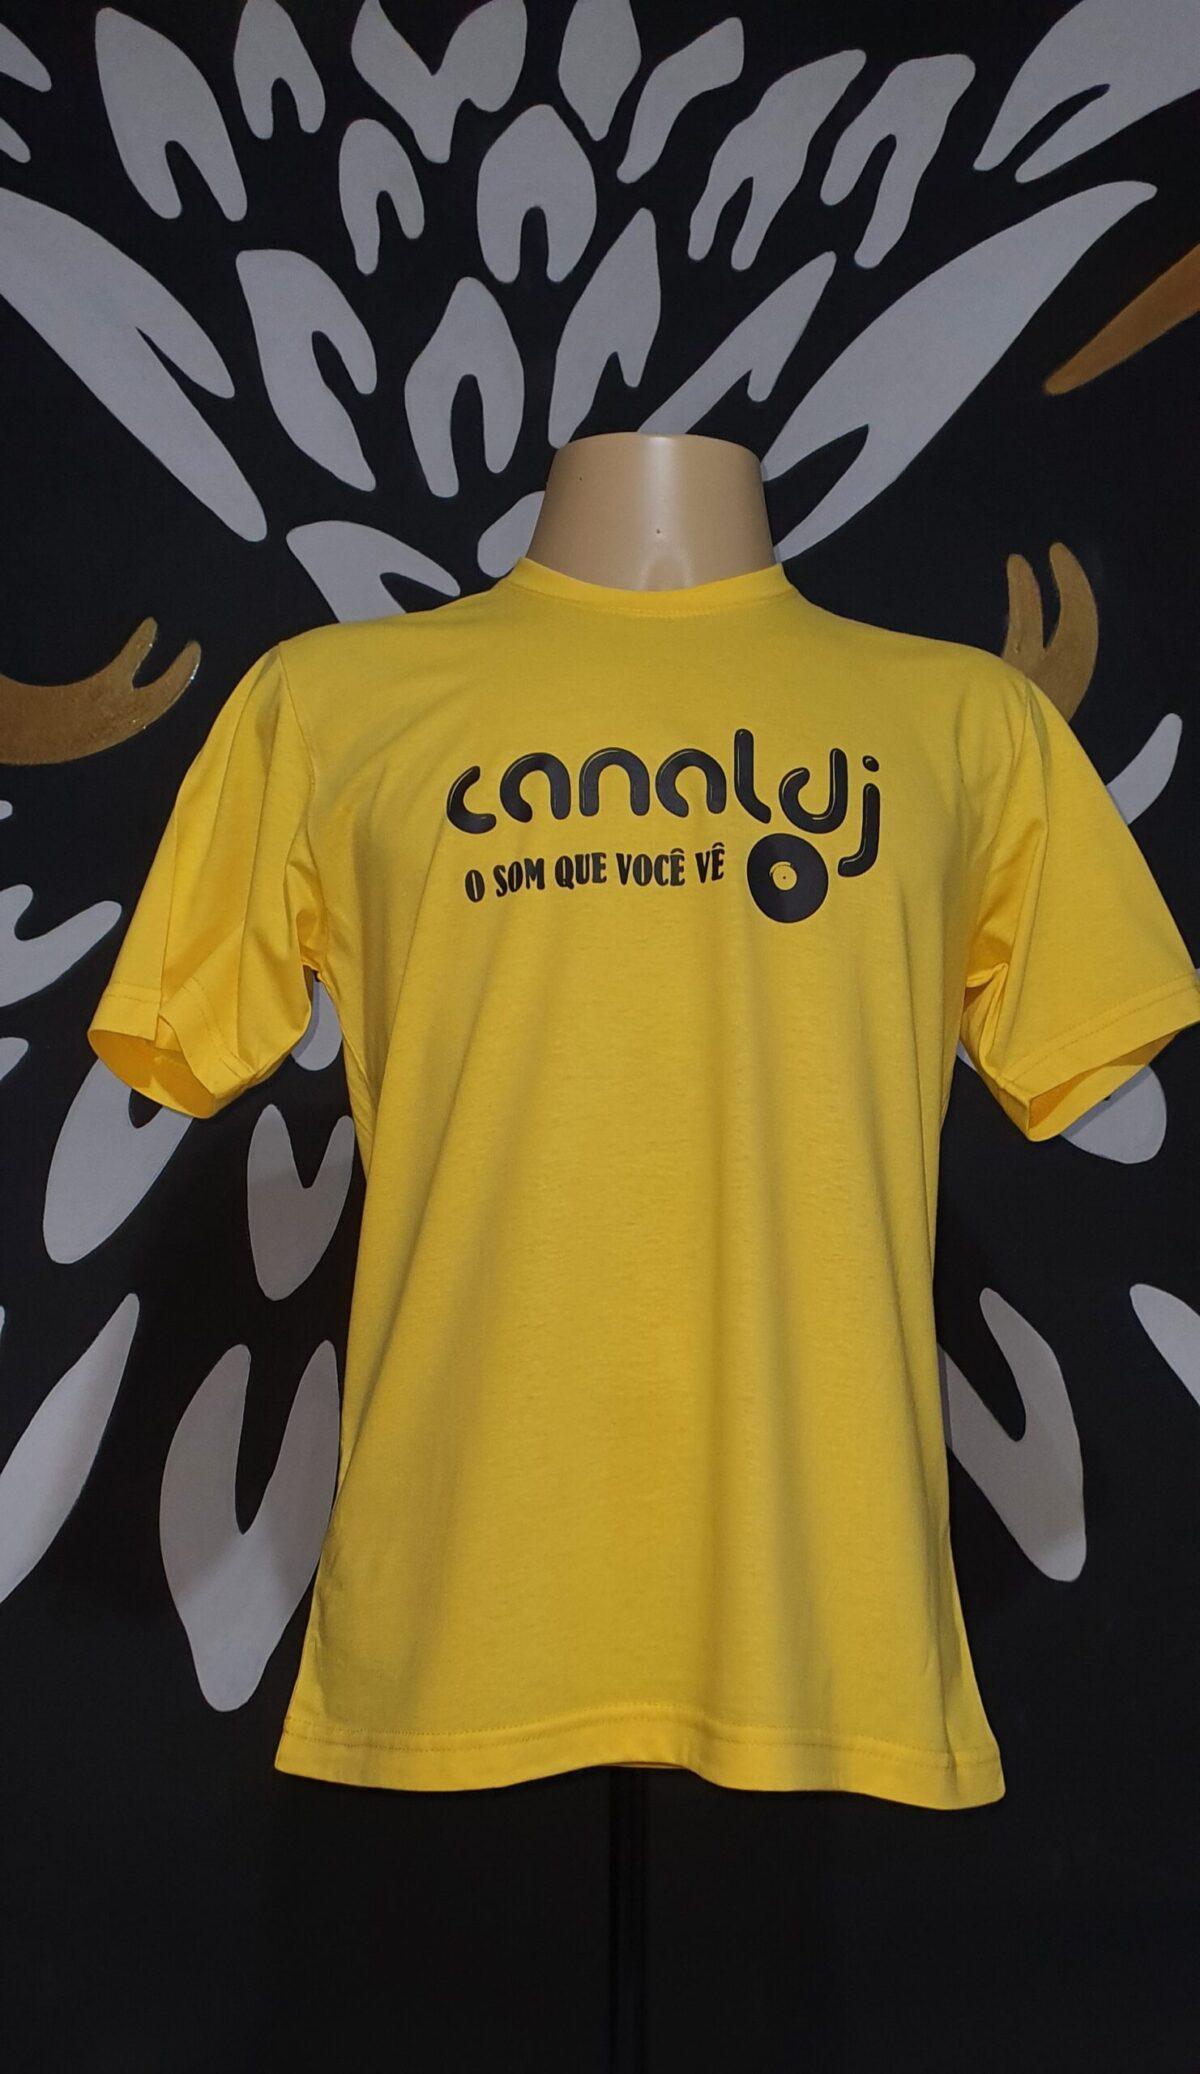 Camiseta Estampada Canal DJ by Bordado & Cia - @bordado.cia @canaldj